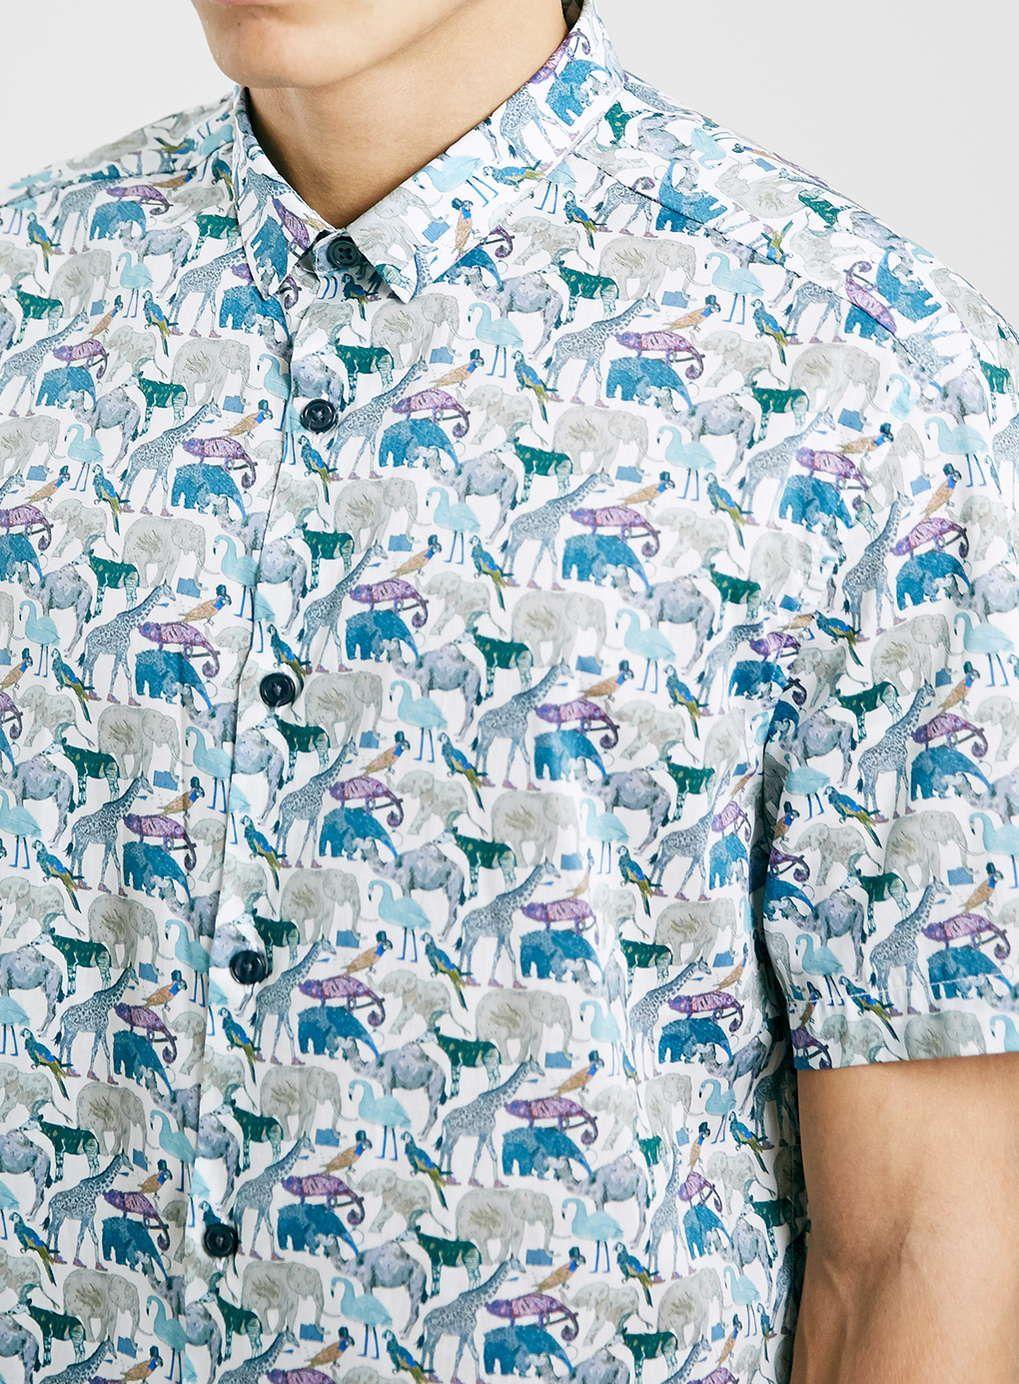 9b5344b26576 Photo 2 of Premium Zoo Animal Print Shirt in Liberty Art Fabric ...